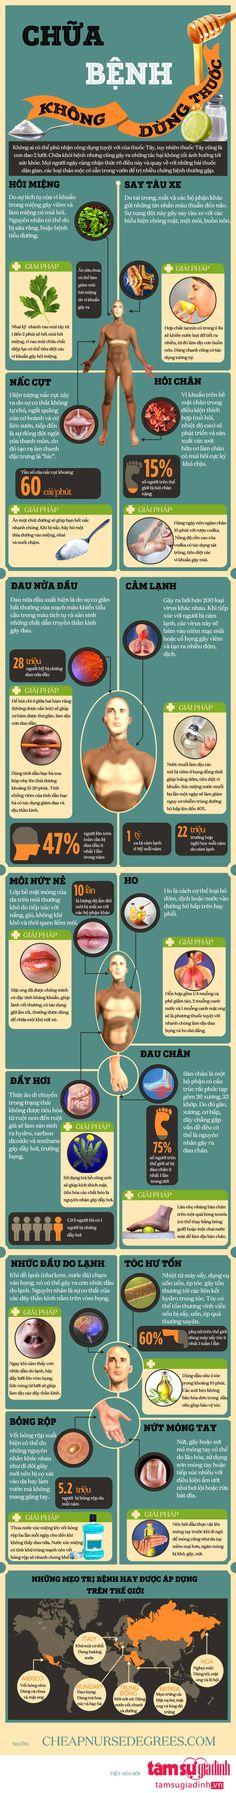 Mẹo chữa các bệnh phổ biến không dùng thuốc